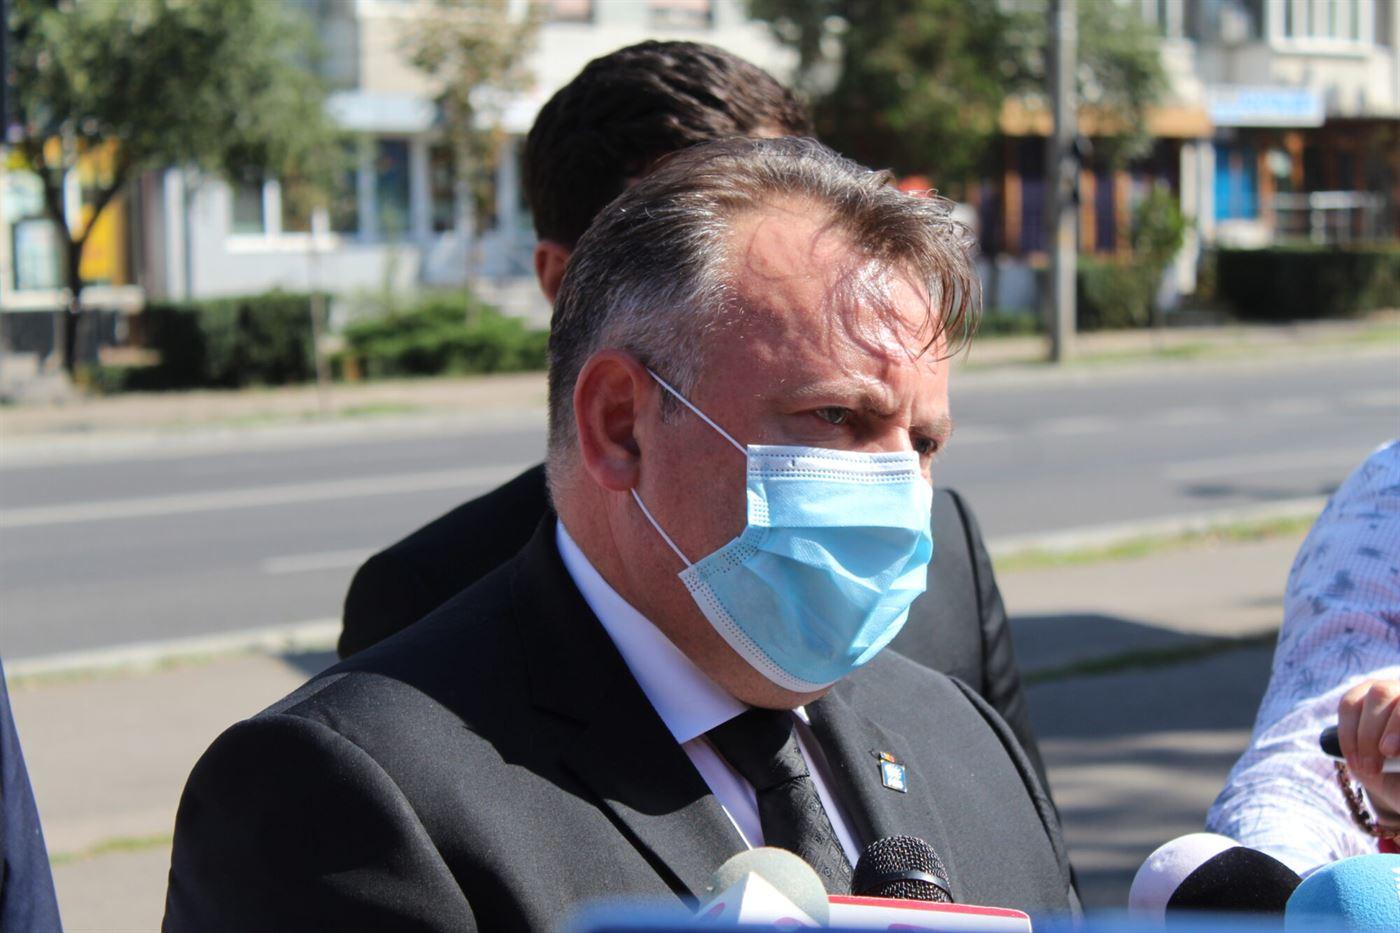 Ministrul Tătaru: Doze de vaccin antigripal vor fi distribuite gratuit și pentru cadrele didactice